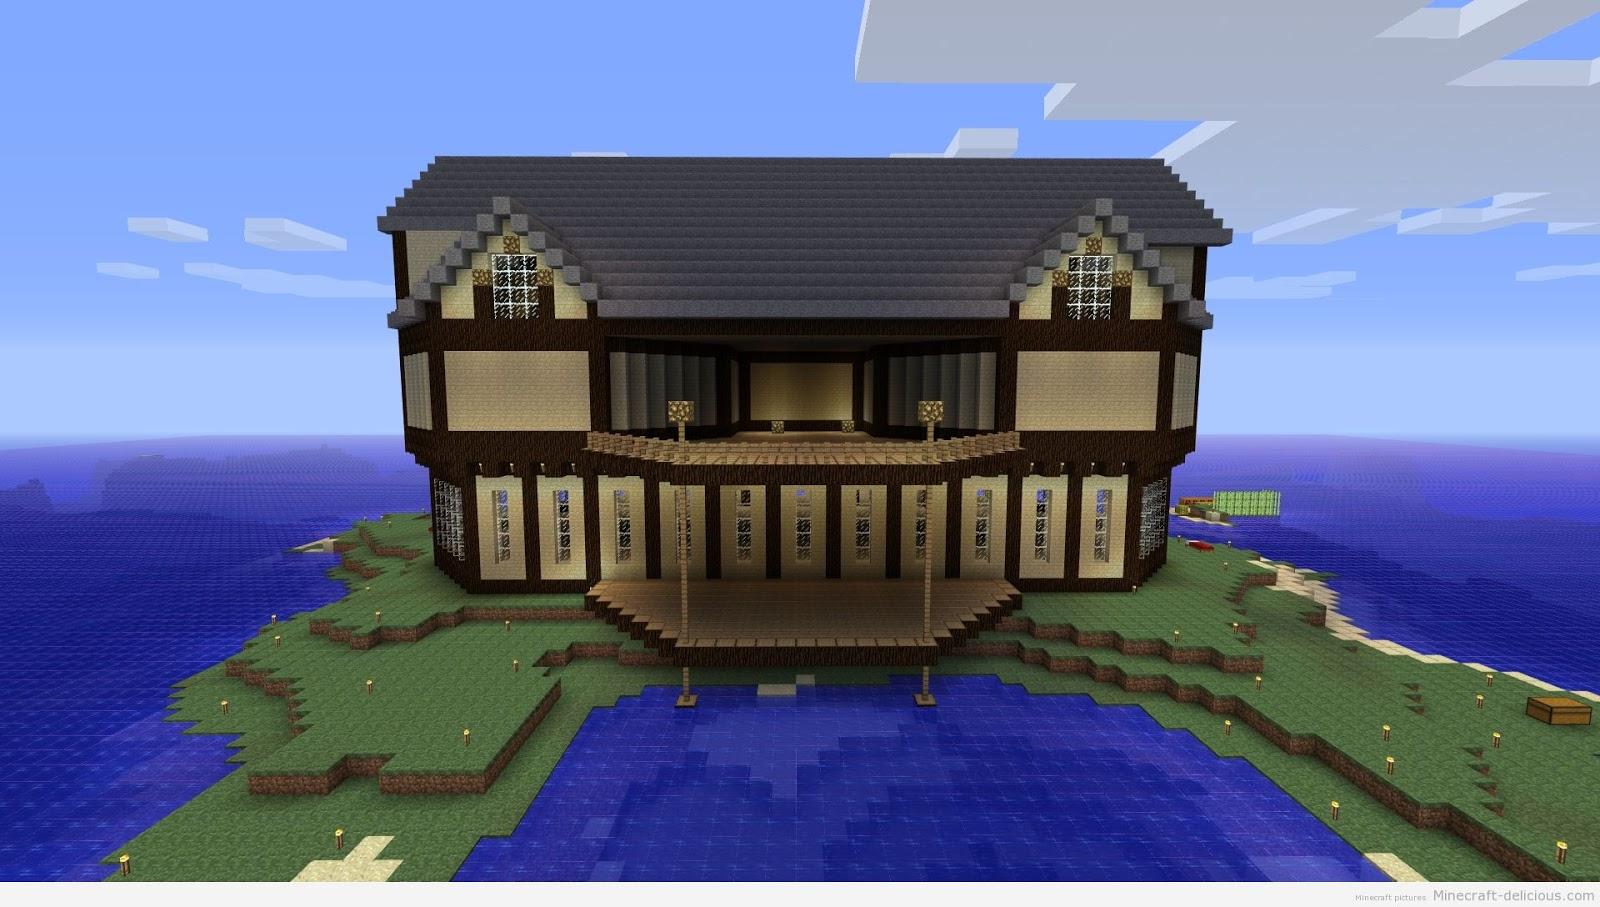 minecraft blog minecraft mansion 014